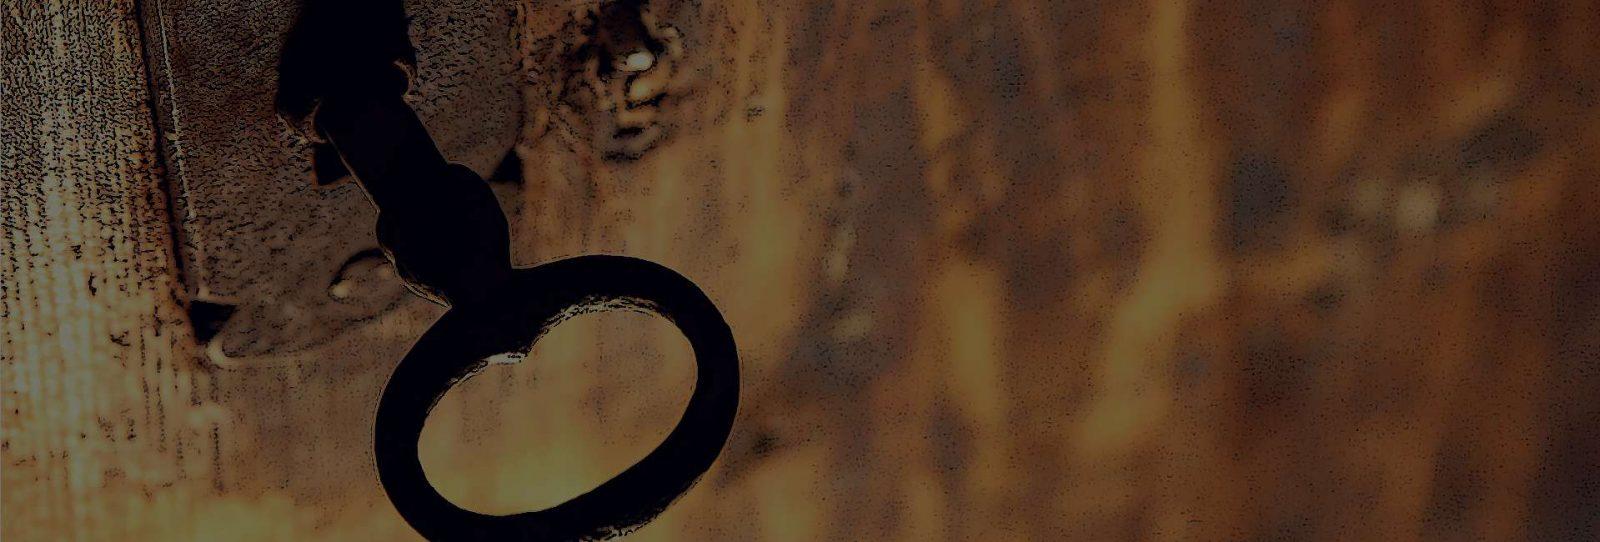 Key puzzle background